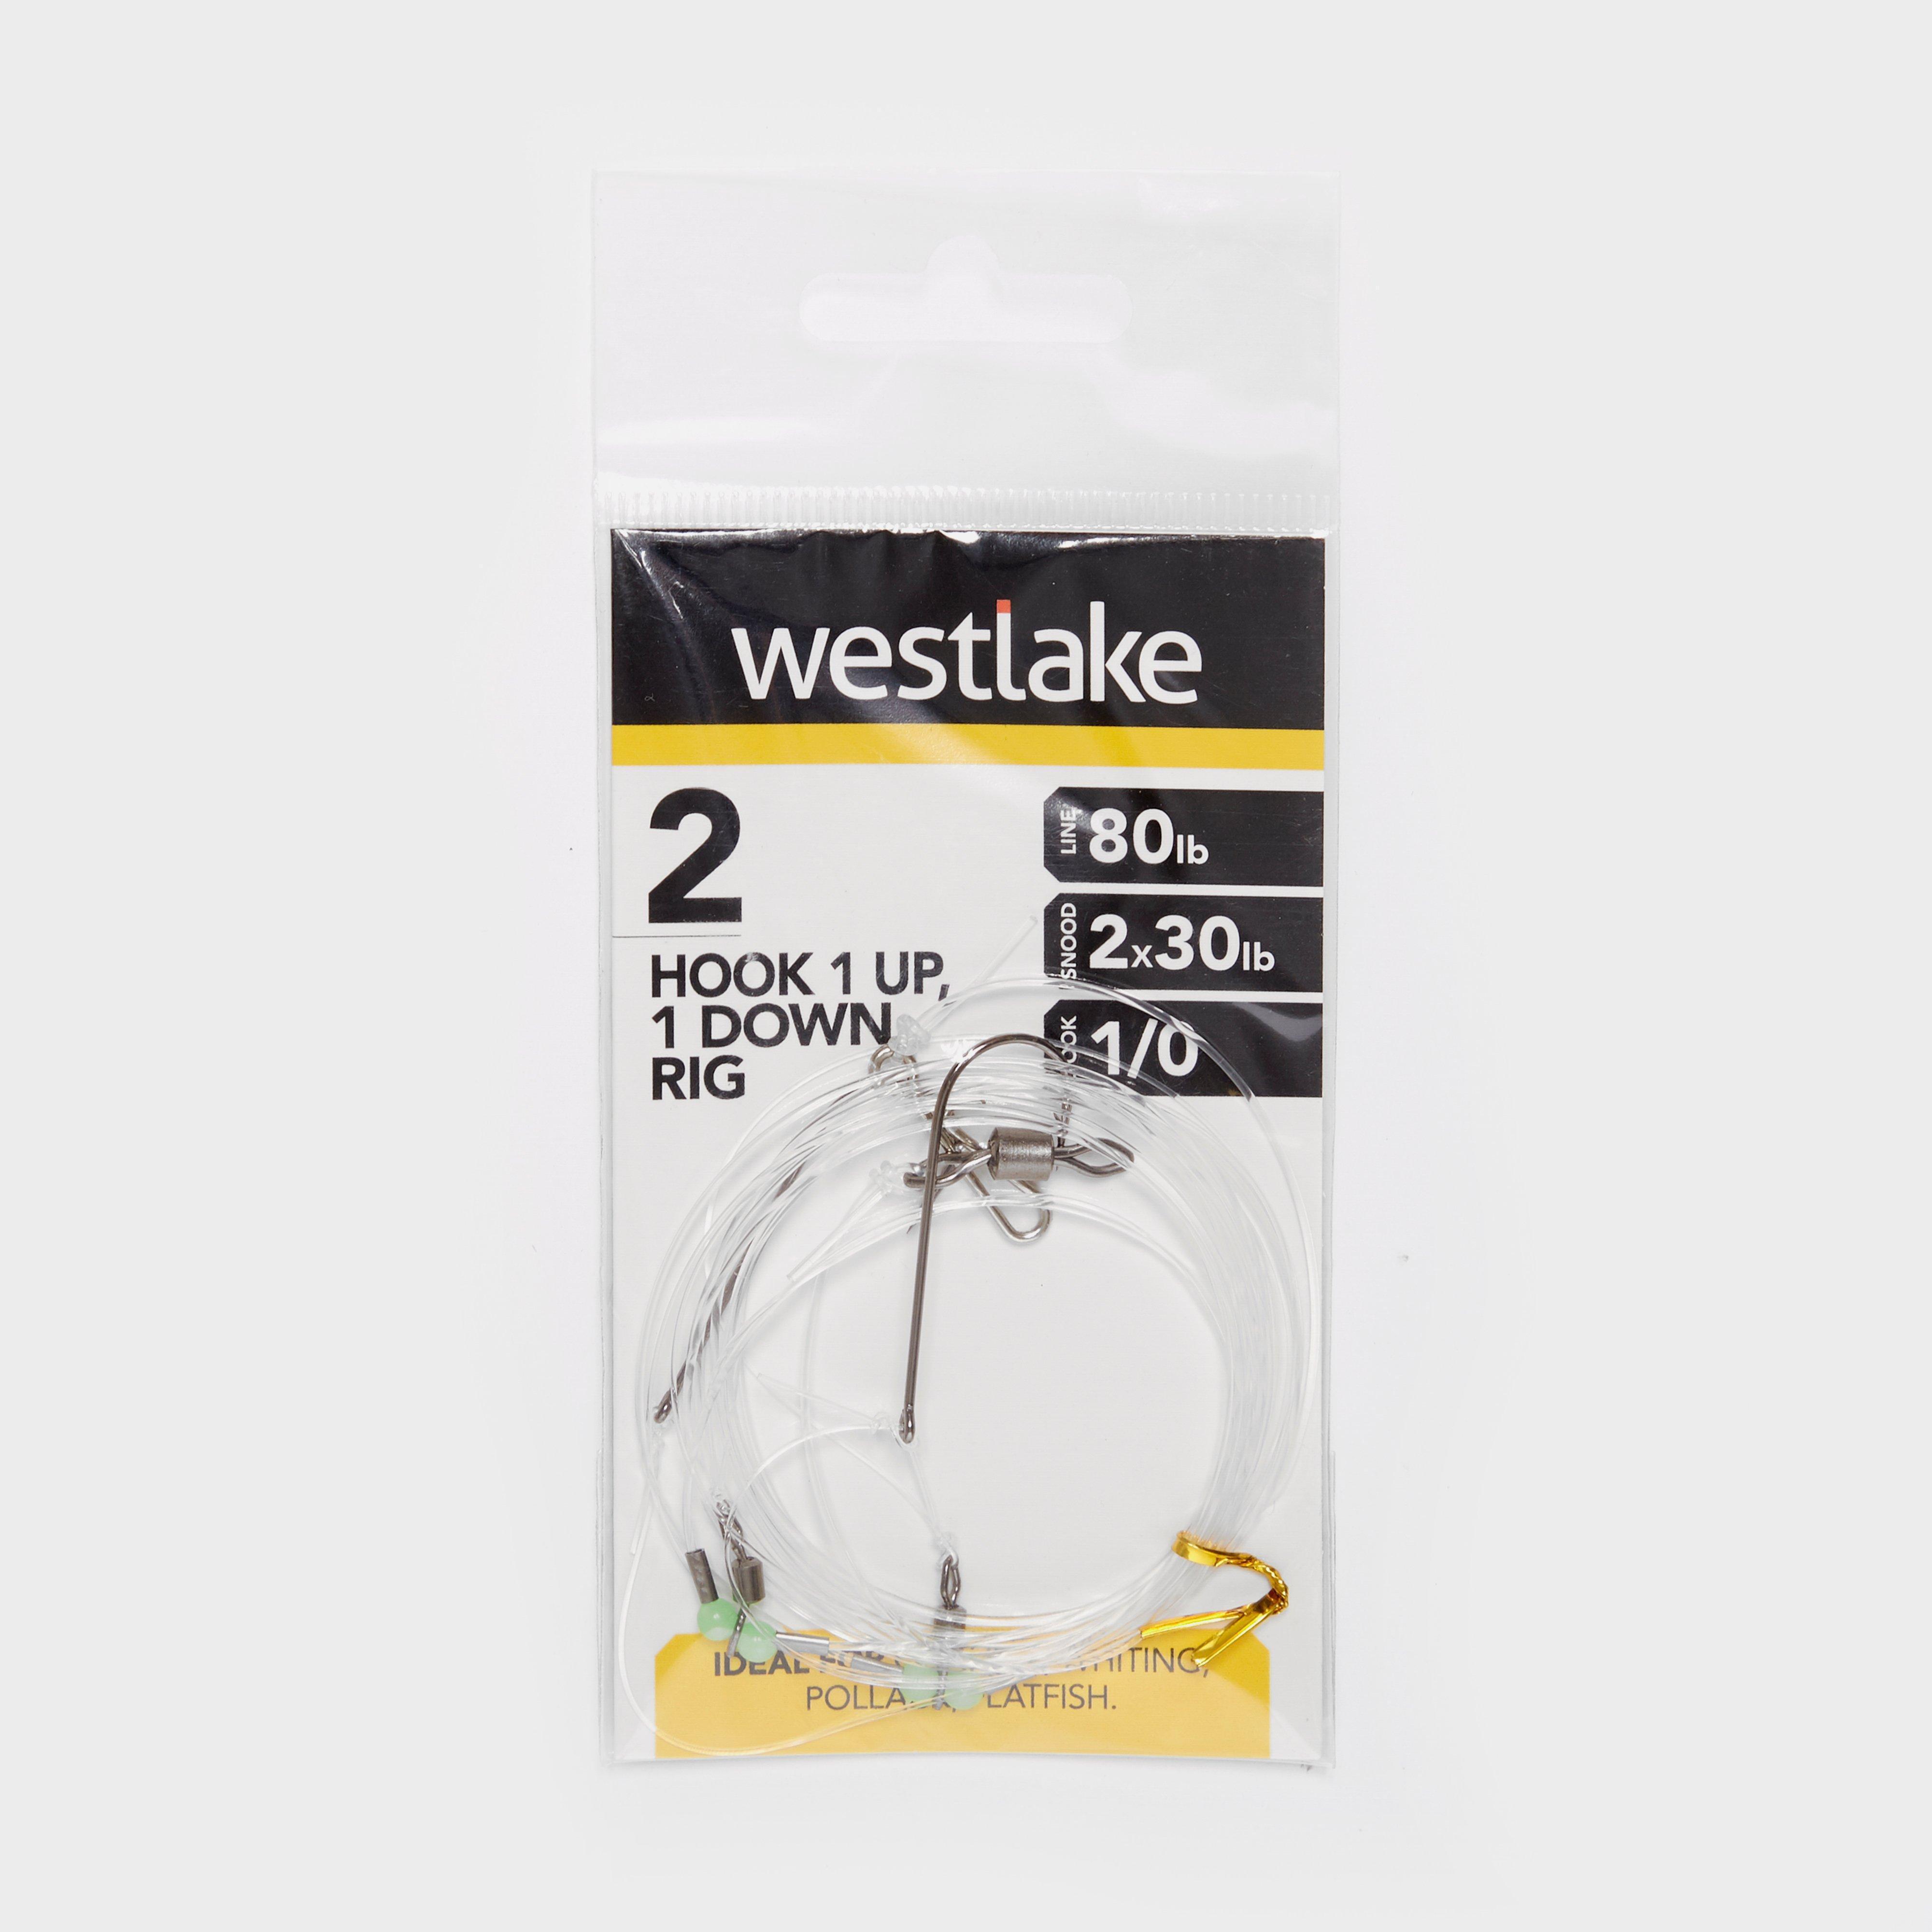 Westlake 2 Hook 1up 1down Rig 1/0 - 0/0  0/0